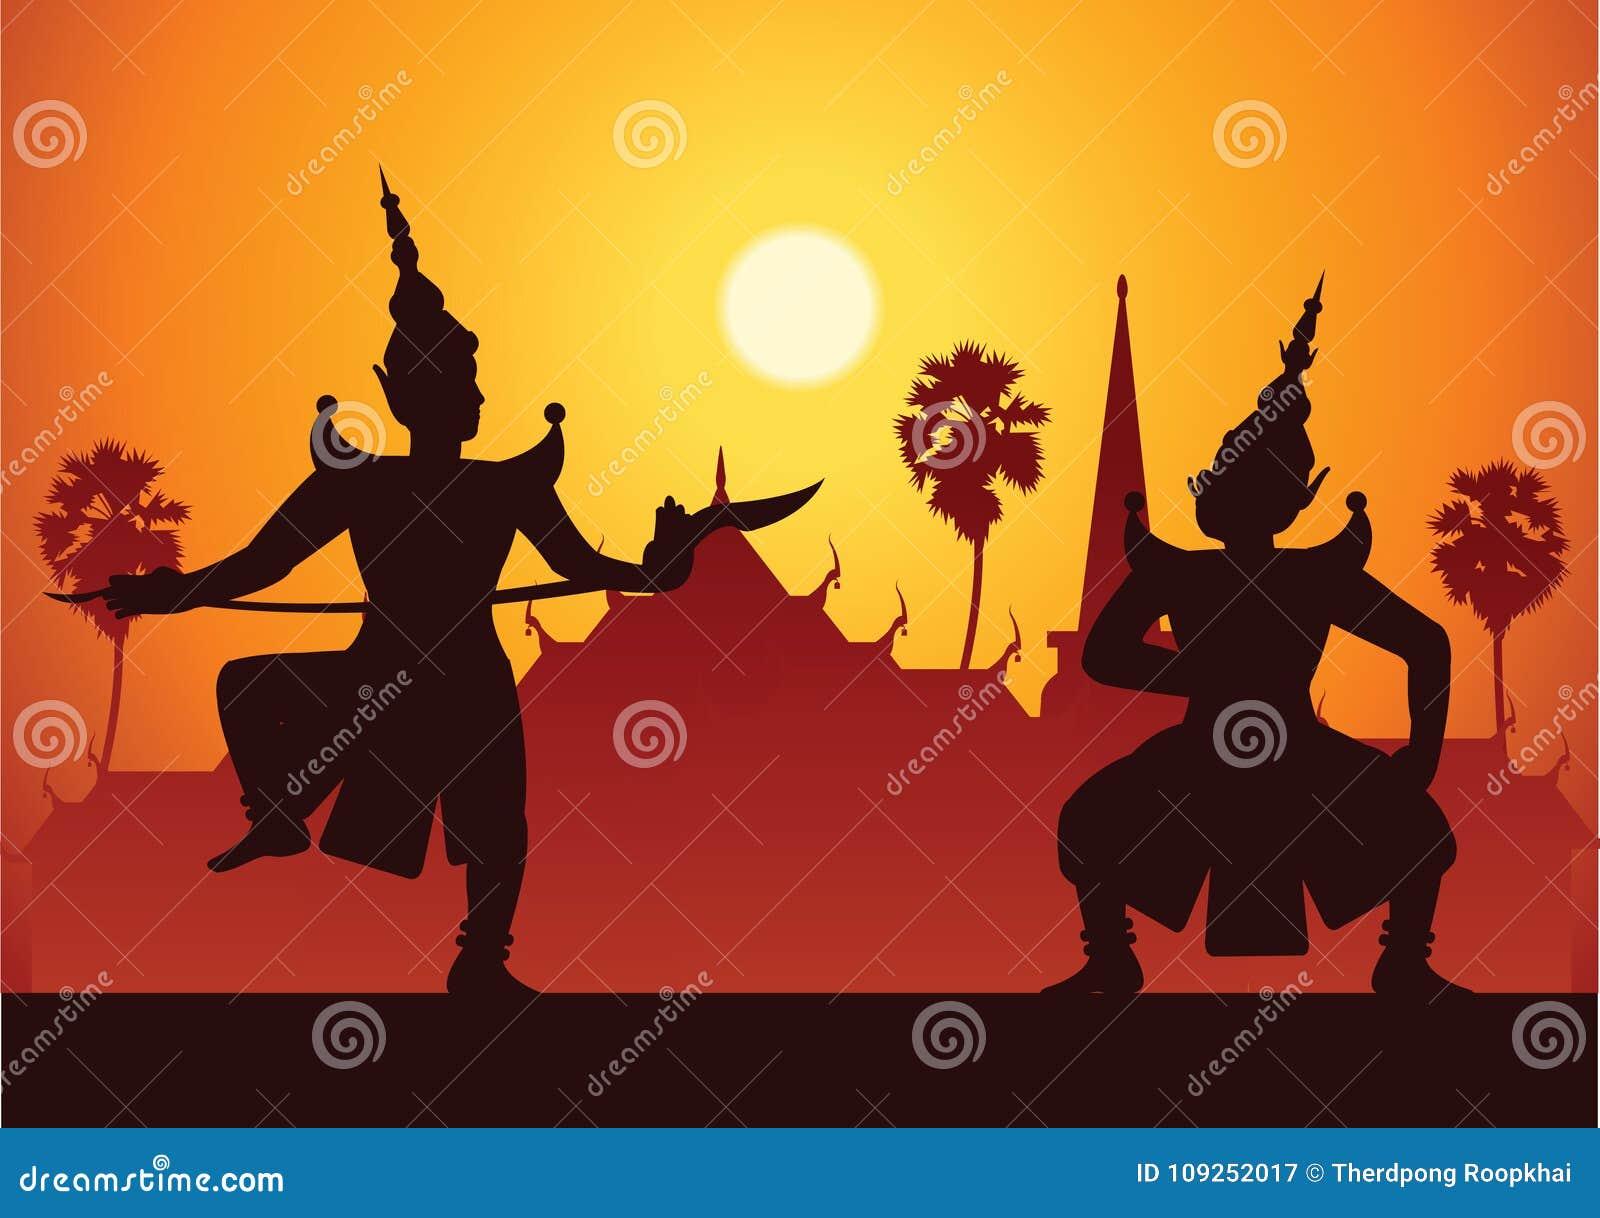 Arte di dramma di ballo tradizionale di classico tailandese mascherato Tailandese ancien